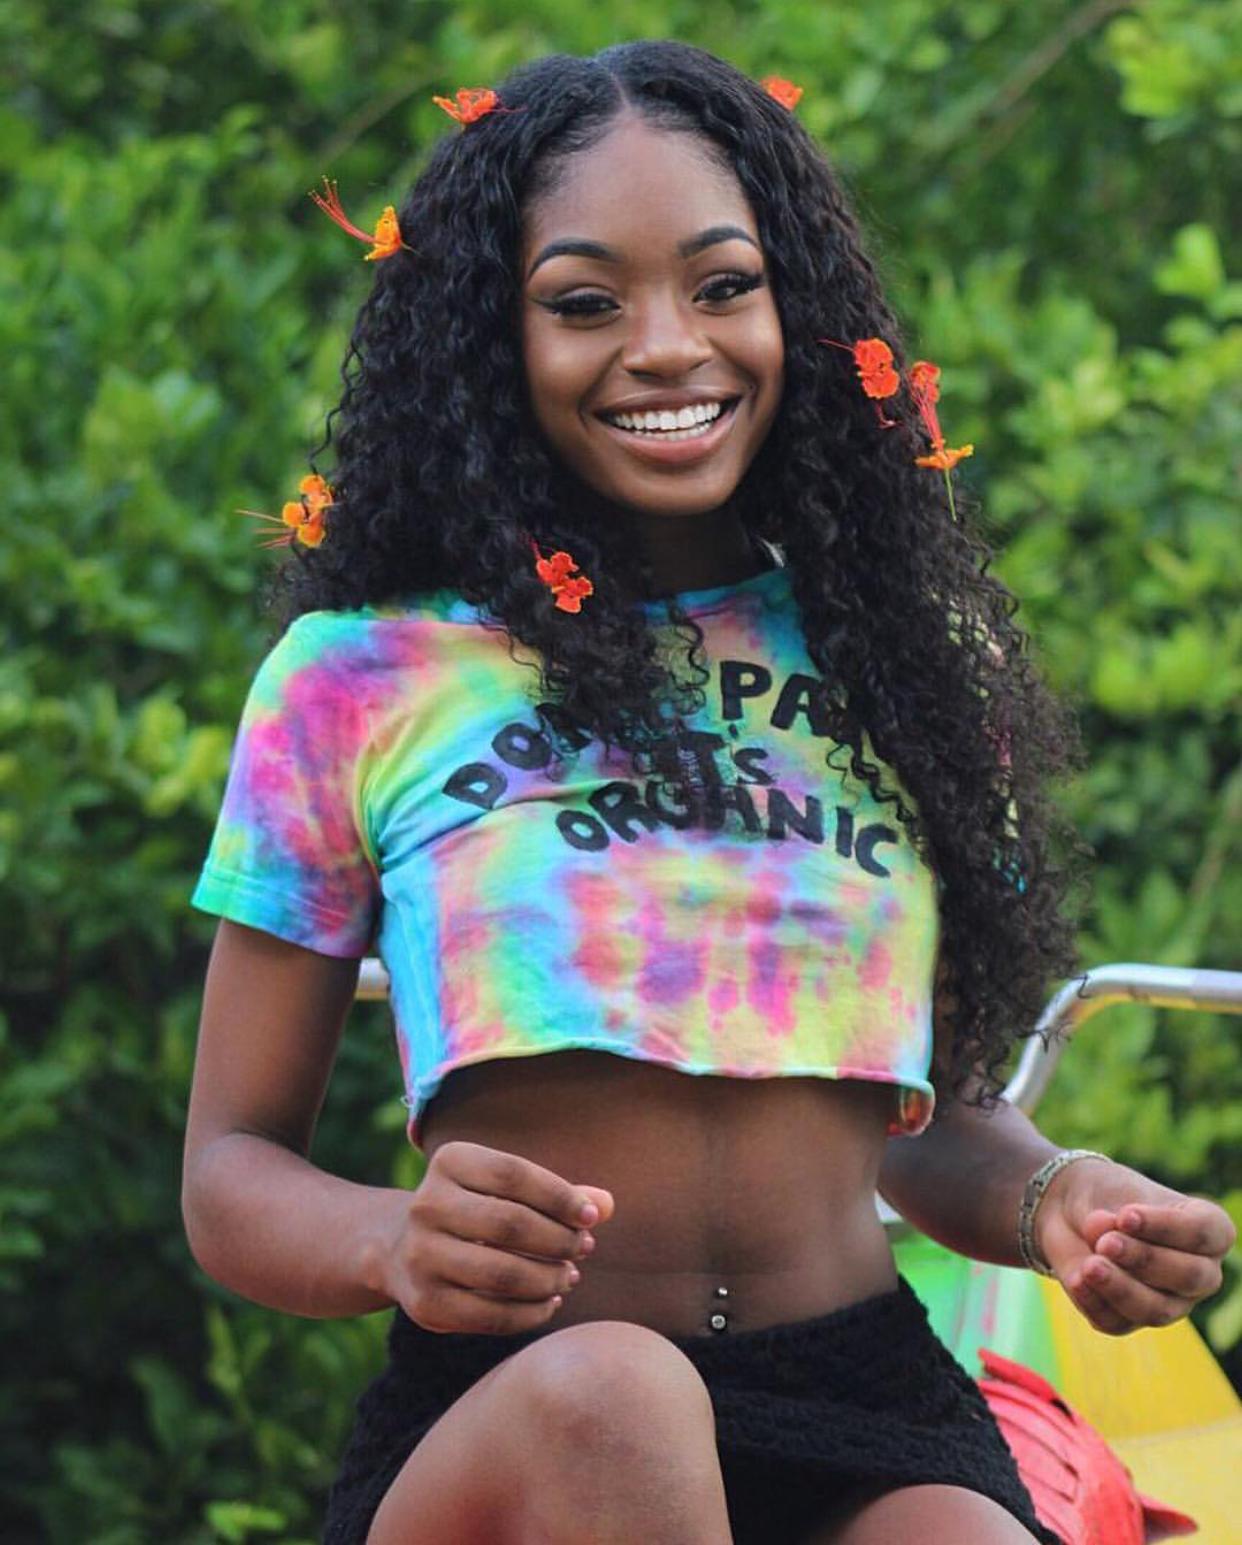 Model - Ifetayo  Top - Kulcha Klothing